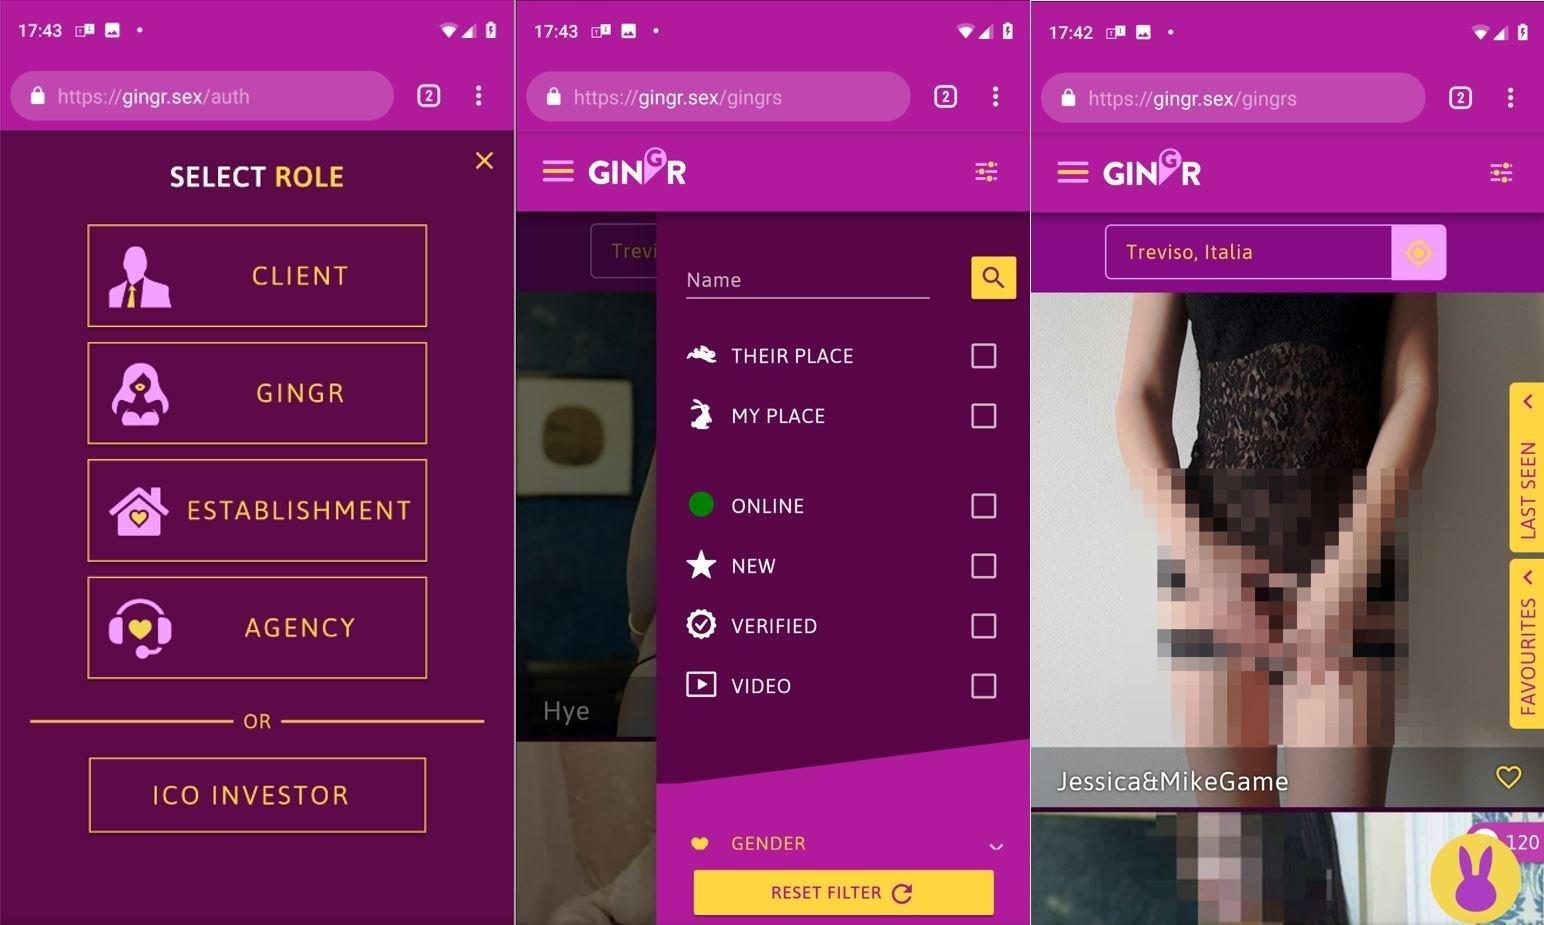 Gingr, arriva l'app per prenotare prostitute con la blockchain